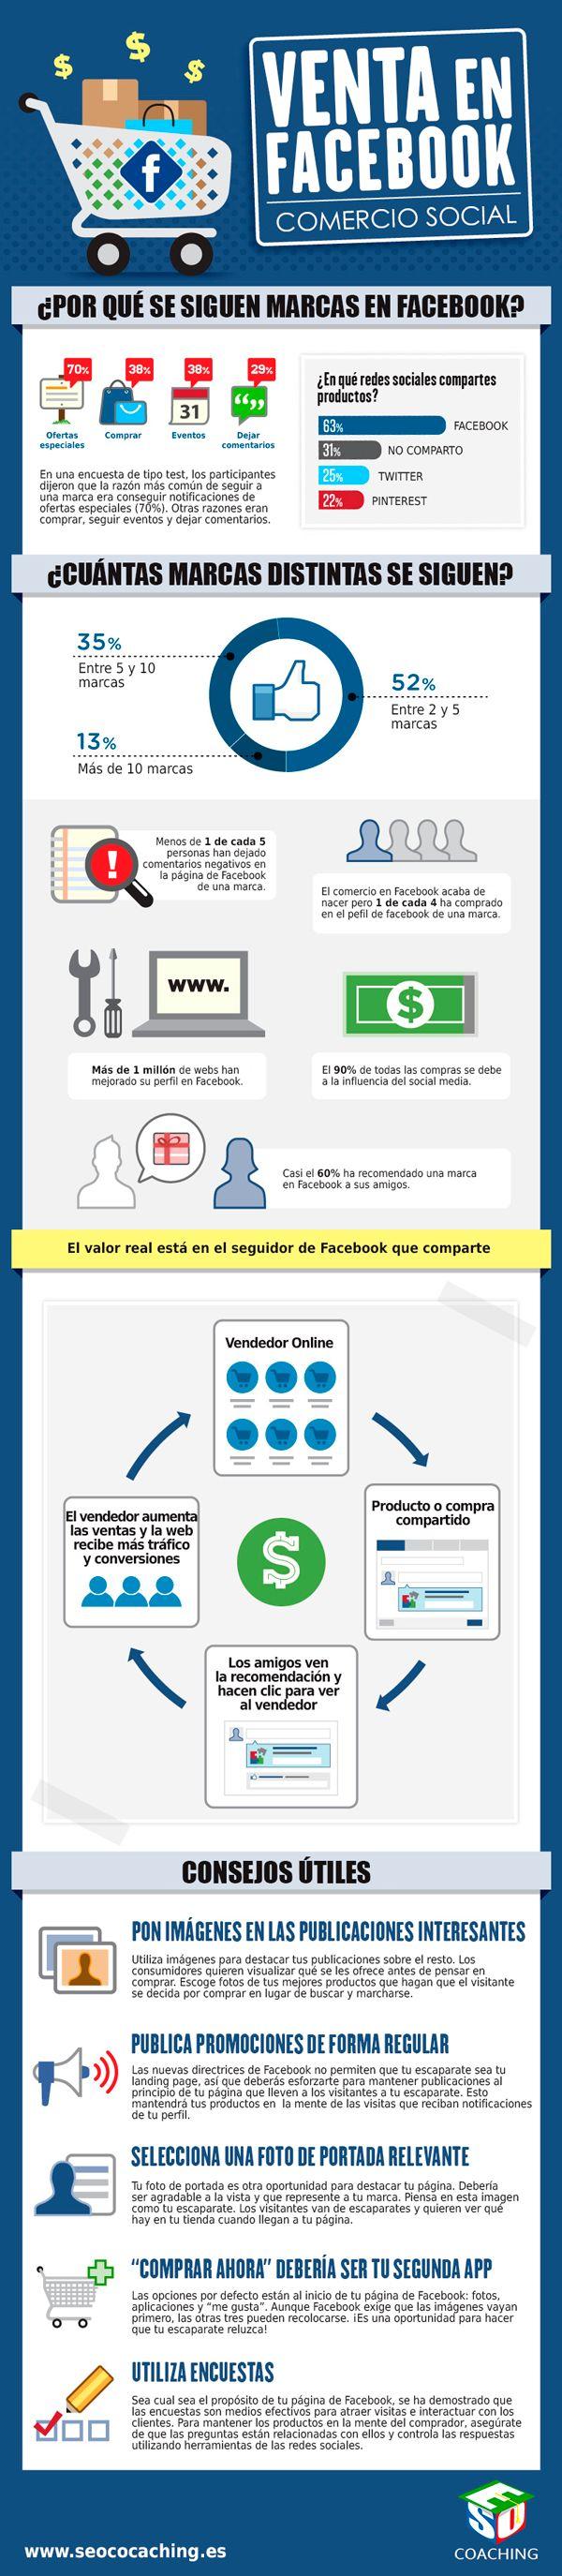 Venta en FaceBook (comercio social) #infografia #infographic #socialmedia #ecommerce